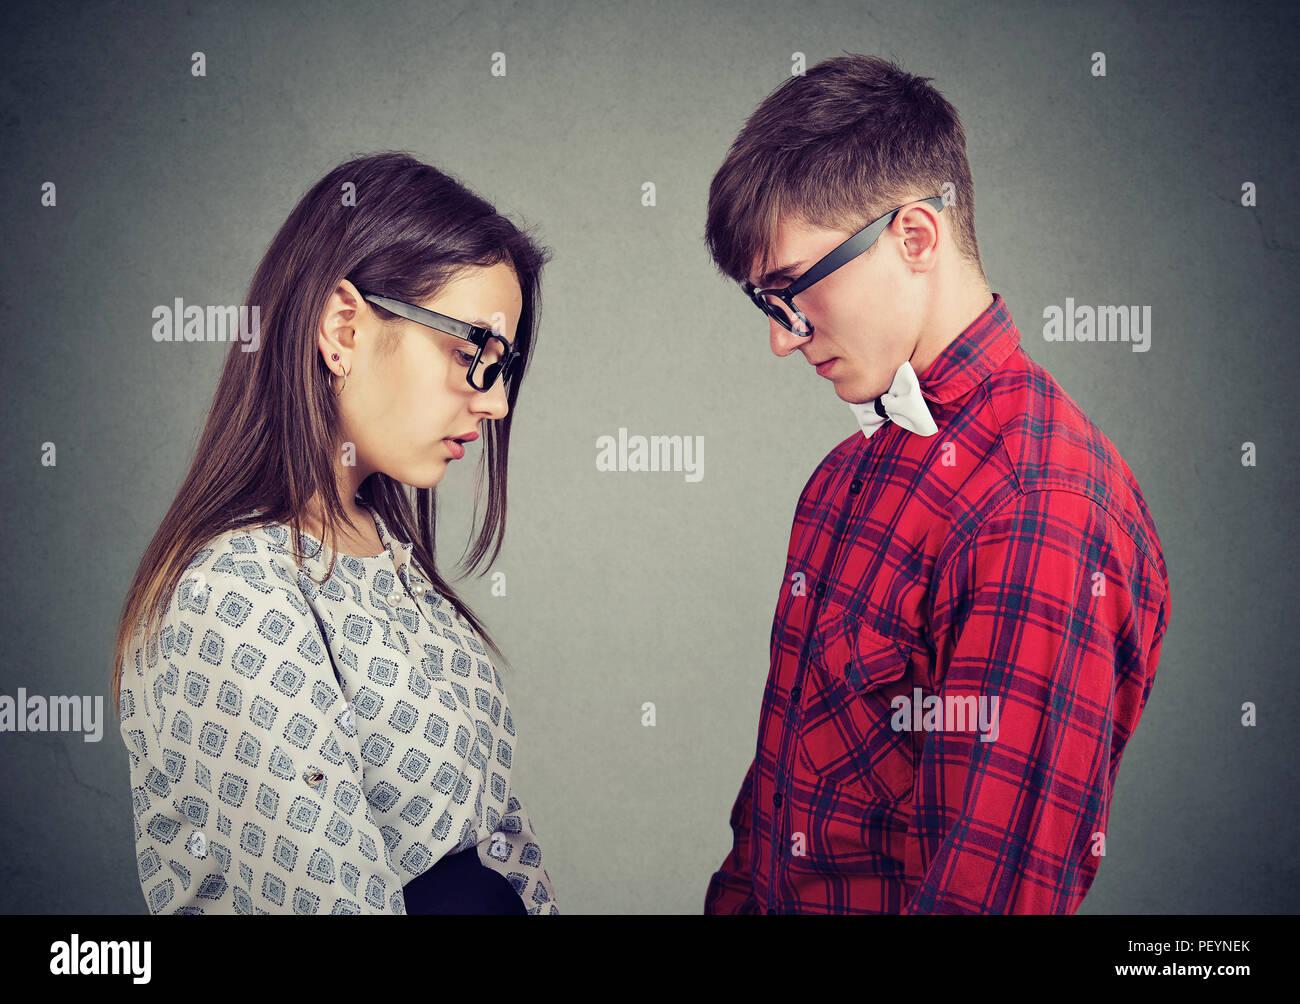 Vue latérale du jeune homme et femme regardant vers le bas se dressant face aux sentiments de regret et de tristesse Photo Stock